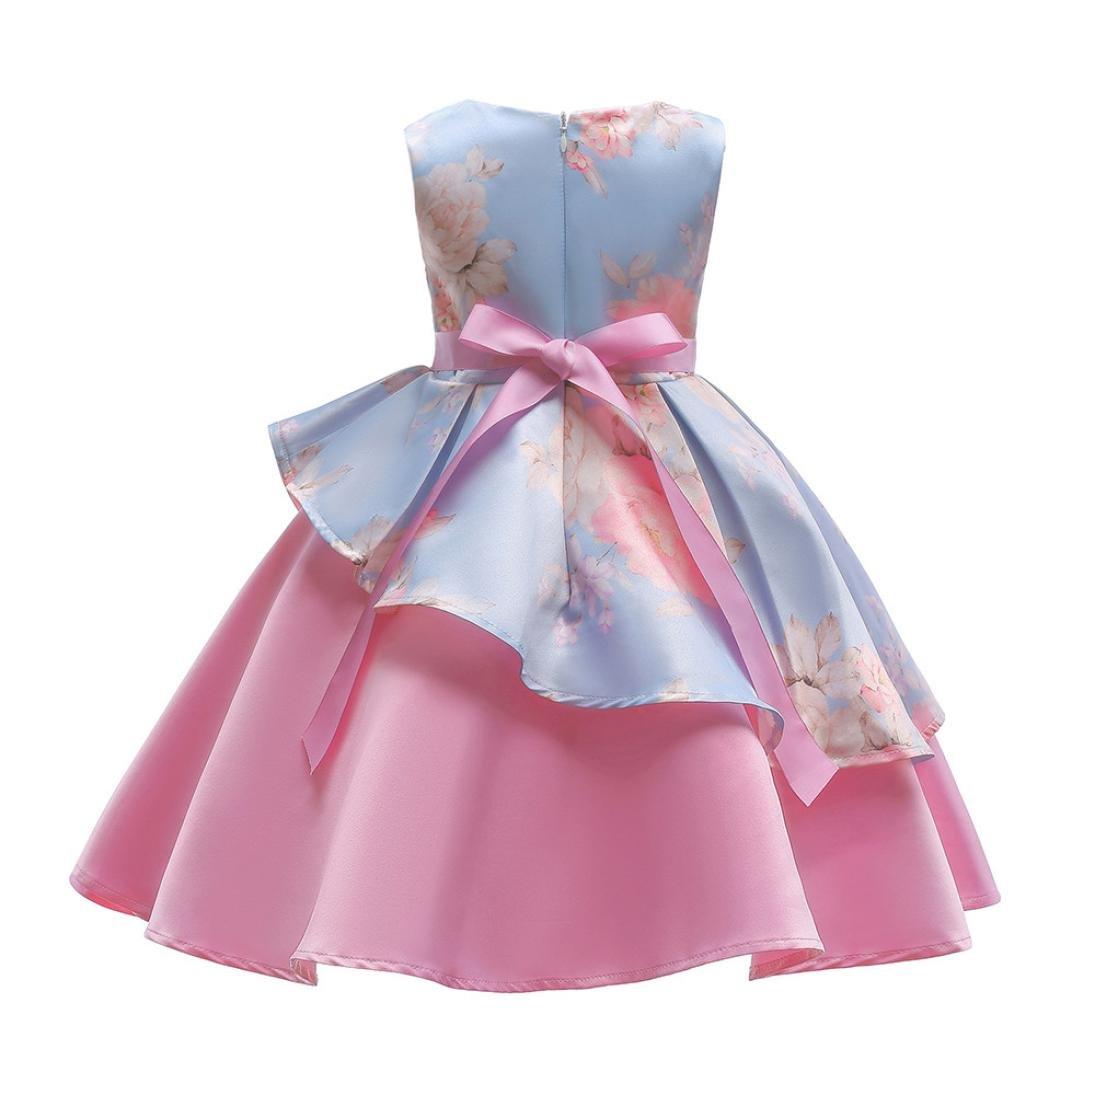 Btruely Herren 🍁 Ropa bebé 2018 Verano Vestidos para Niña sin Mangas Vestidos Floral Princesa Fiesta Vestido de Novia para Cumpleaños Dress: Amazon.es: ...